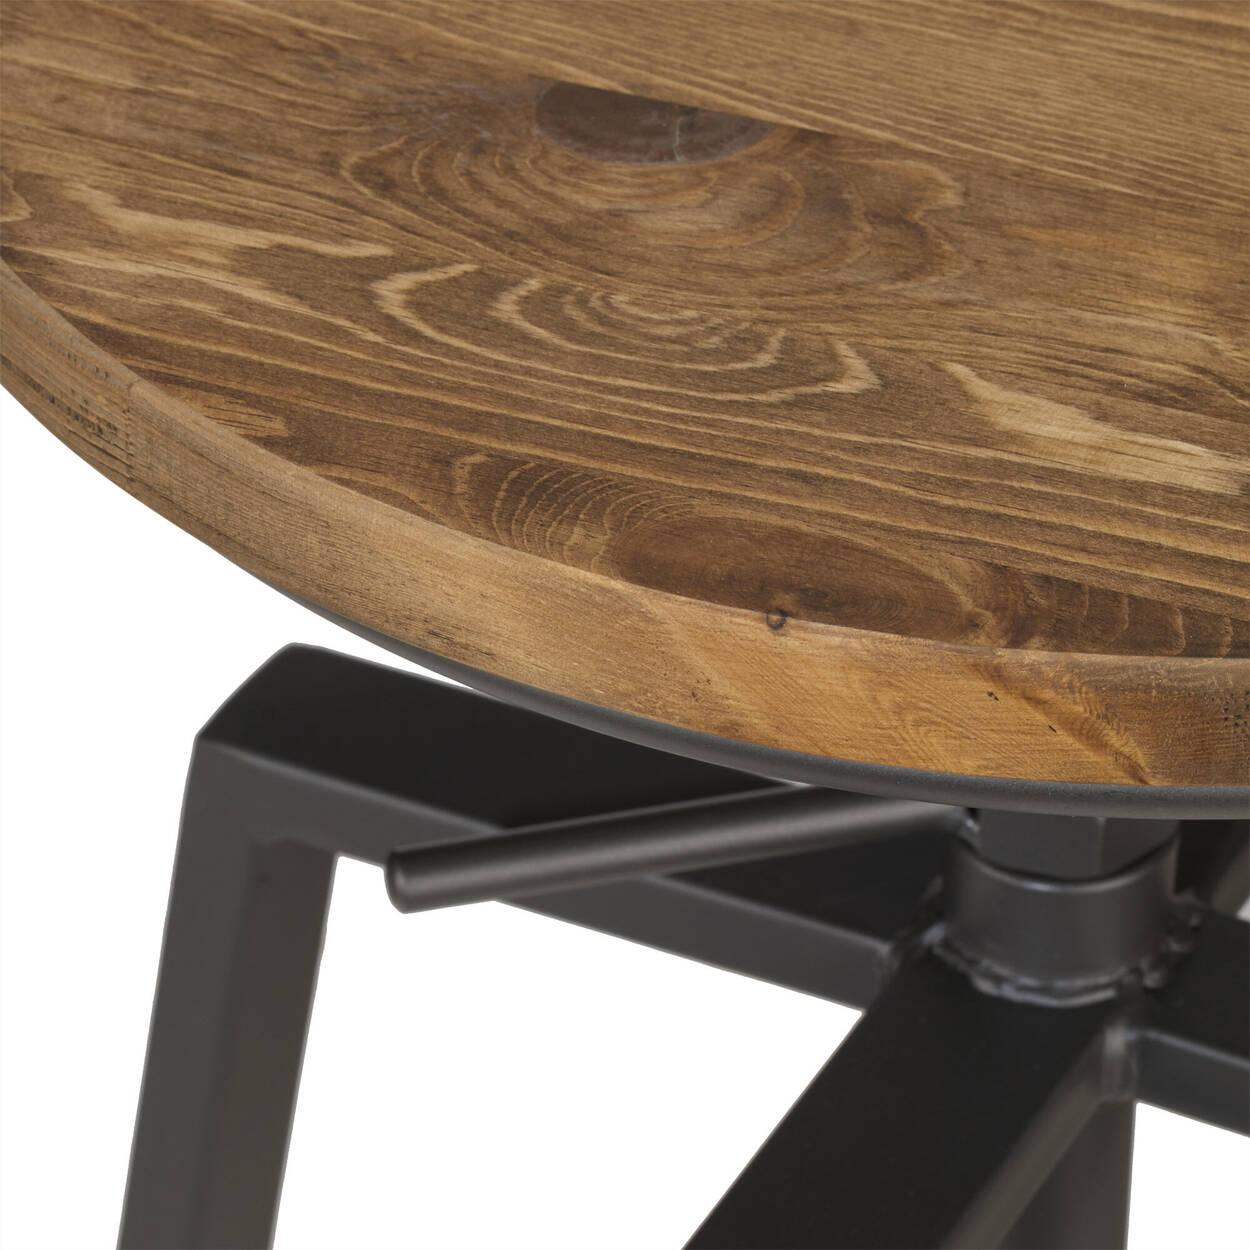 Tabouret de bar ajustable en bois d'orme et en métal